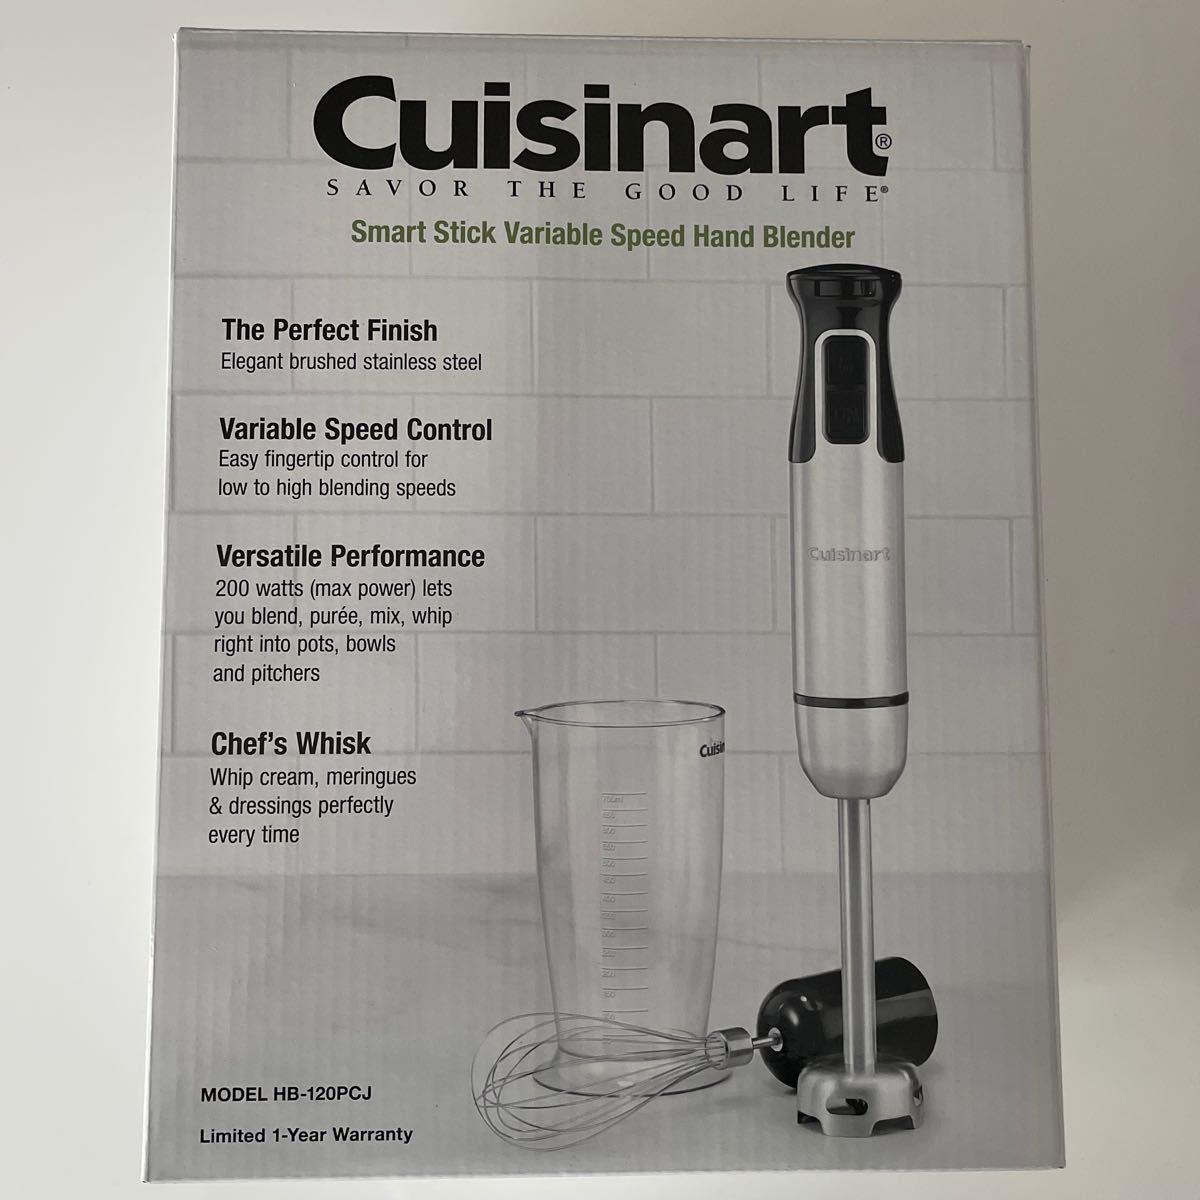 Cuisinart クイジナート スマートスティック ハンドブレンダー コストコ